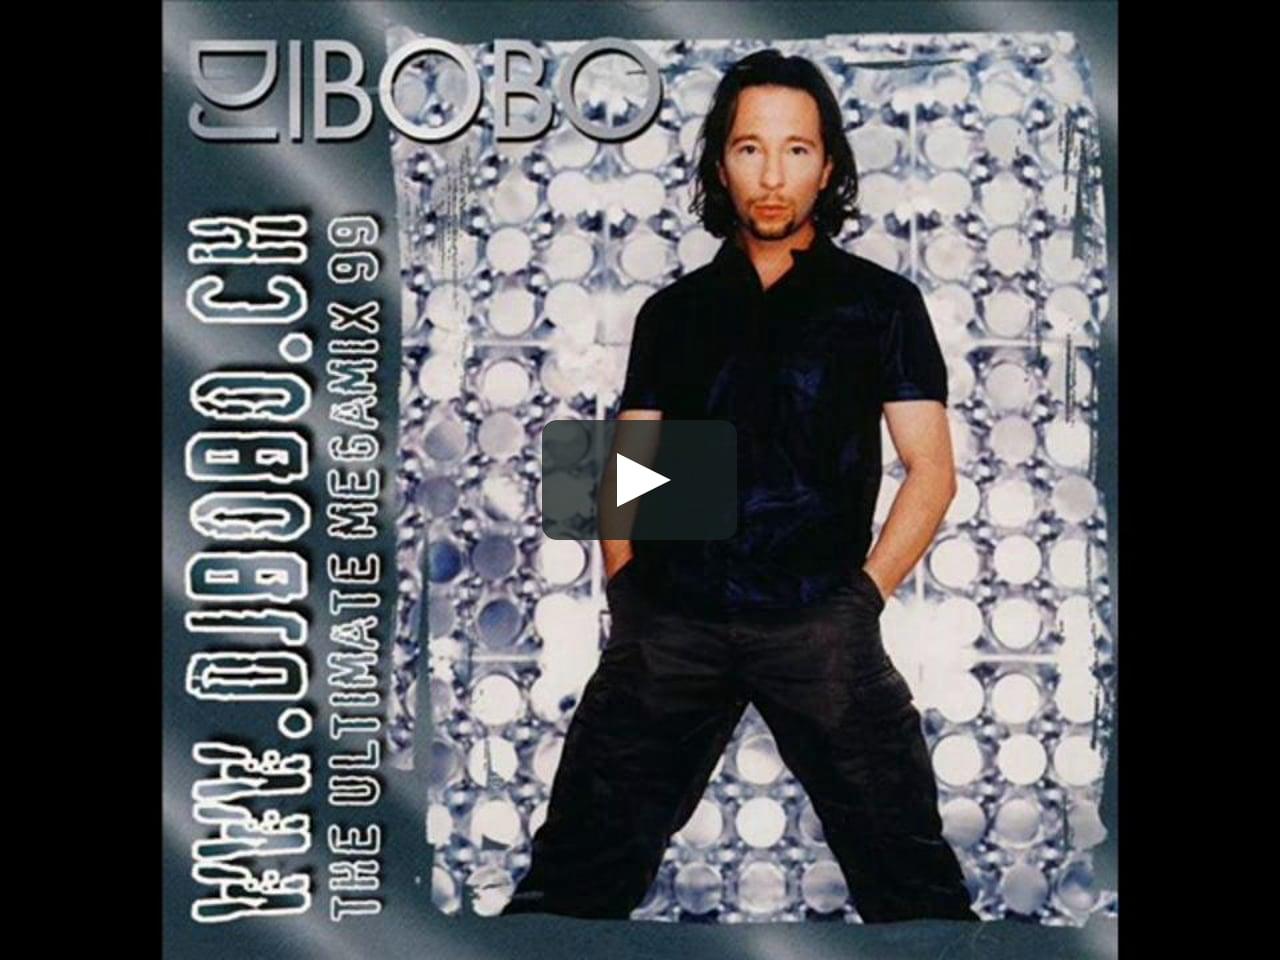 DJ BoBo - www.djbobo.ch (The Ultimate Megamix 99)